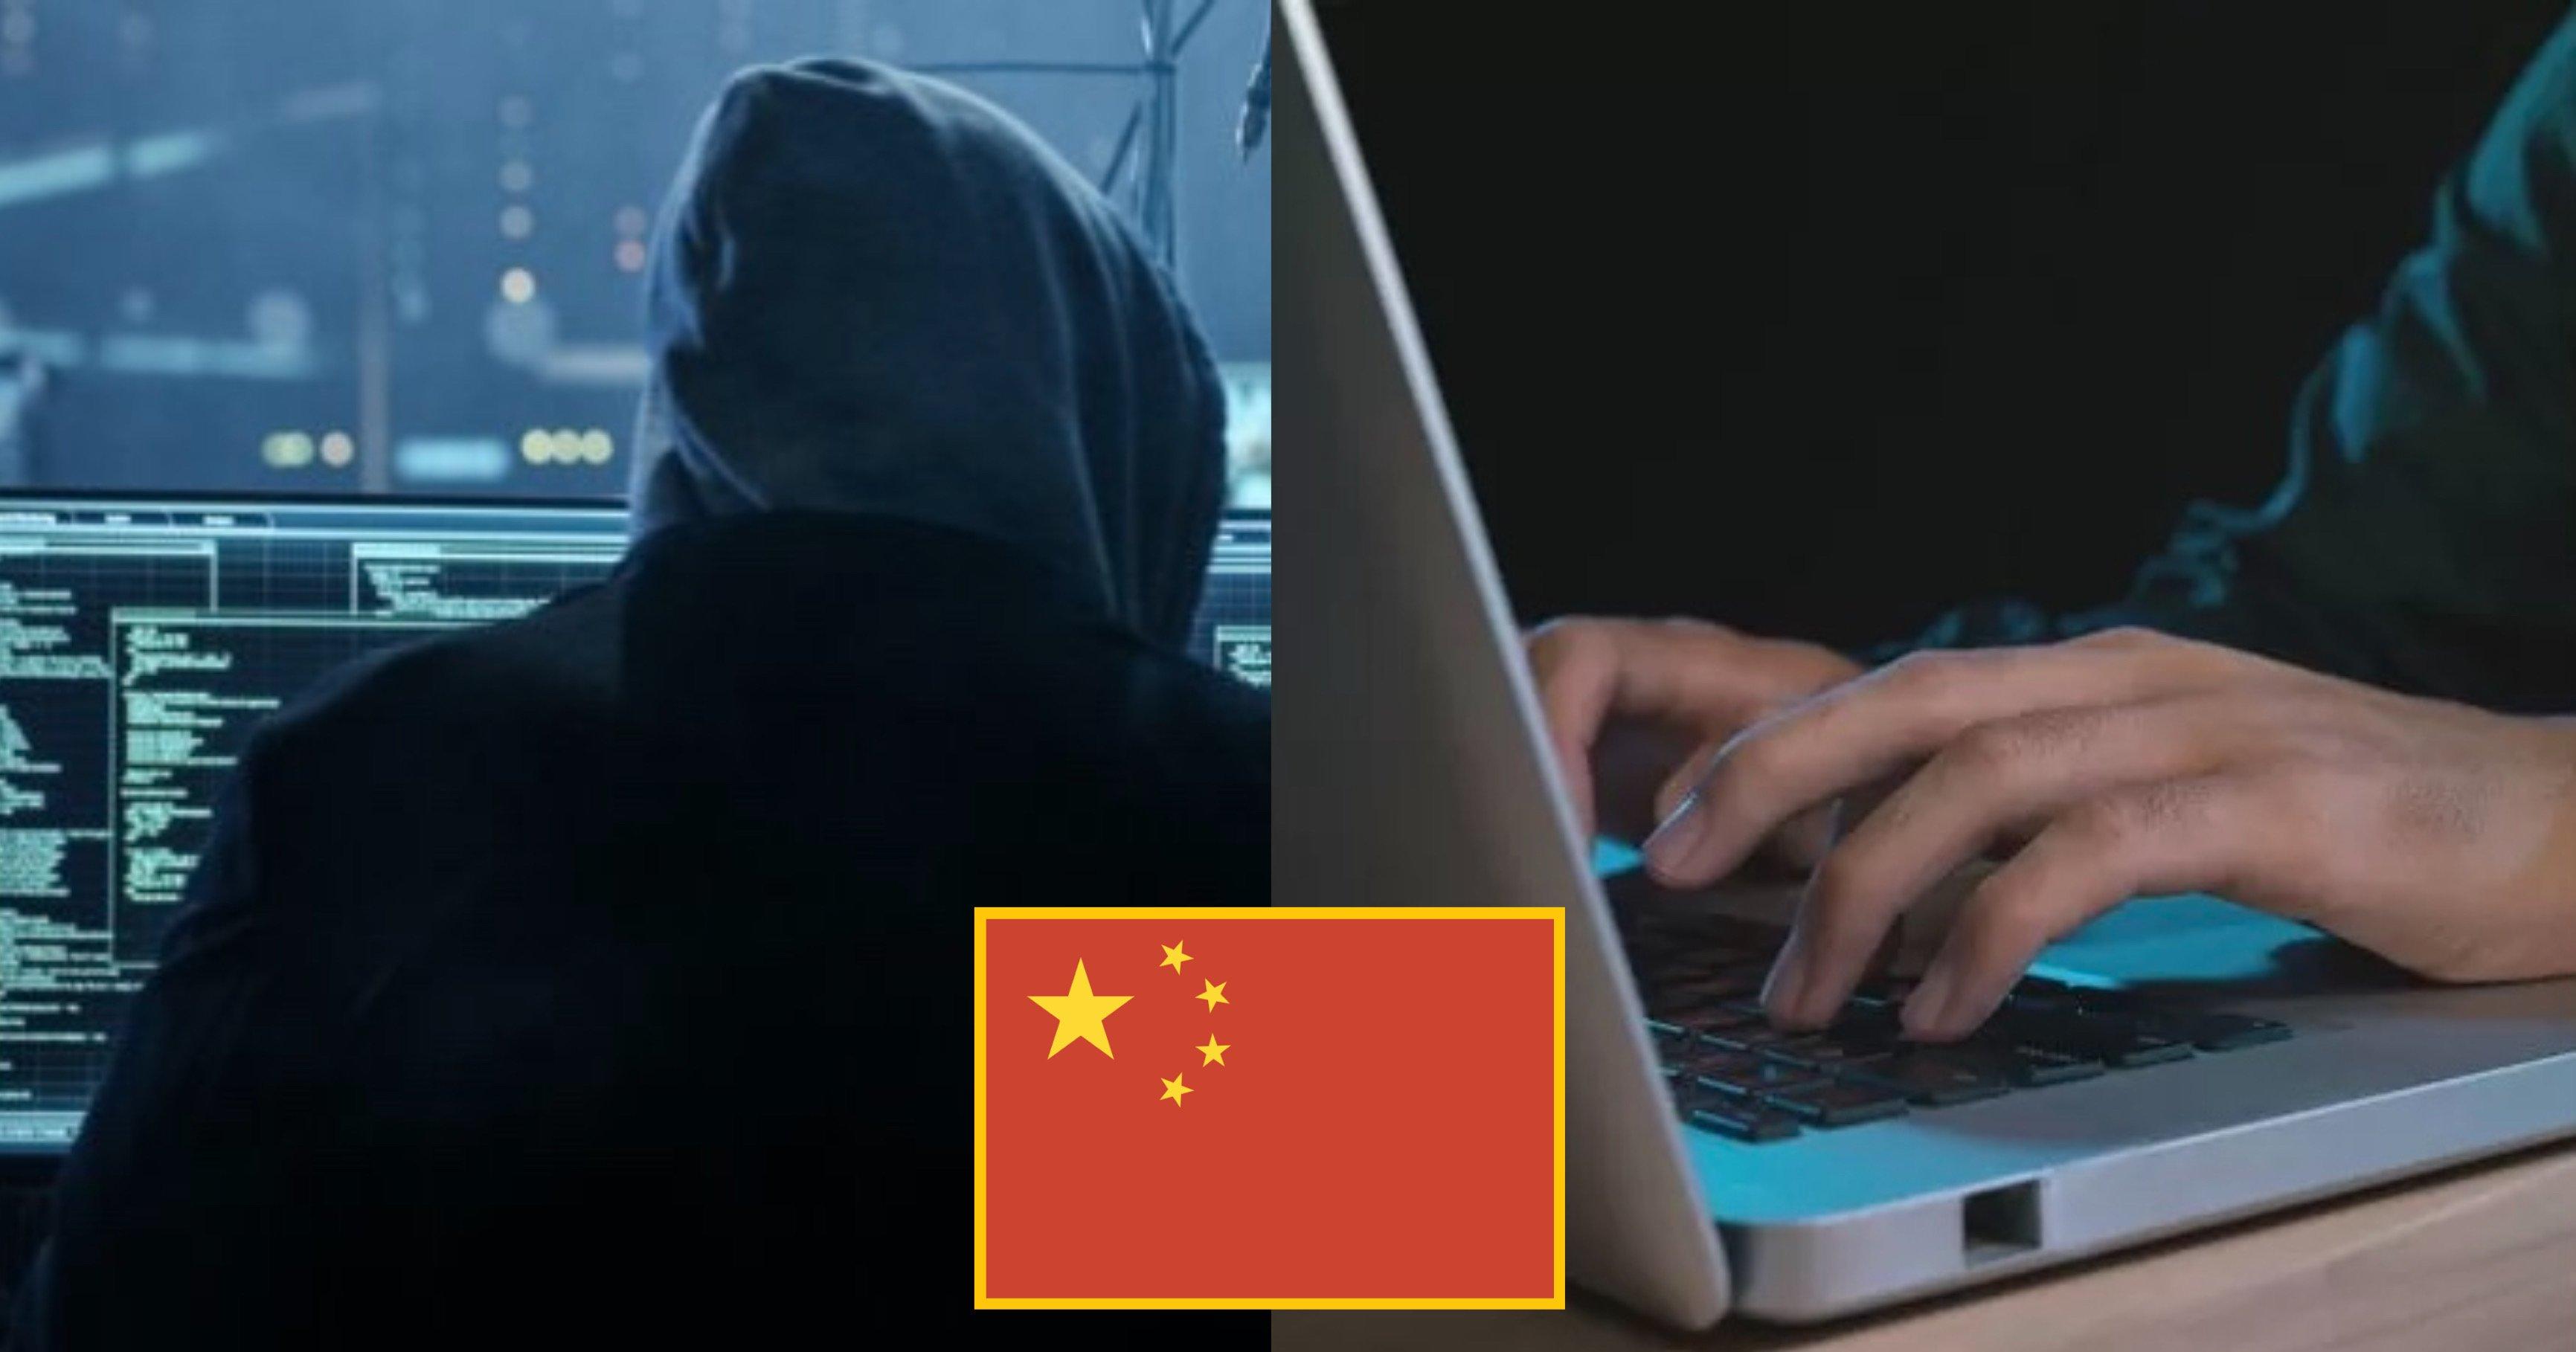 """fbb5936e 78ad 448a 898a 50a80c4865b9.jpeg?resize=412,232 - """"올해에만 '이 곳' 해킹을 549번 했다고?""""..중국 해커들이 우리나라를 계속해서 해킹 하려는 '충격적인' 이유"""